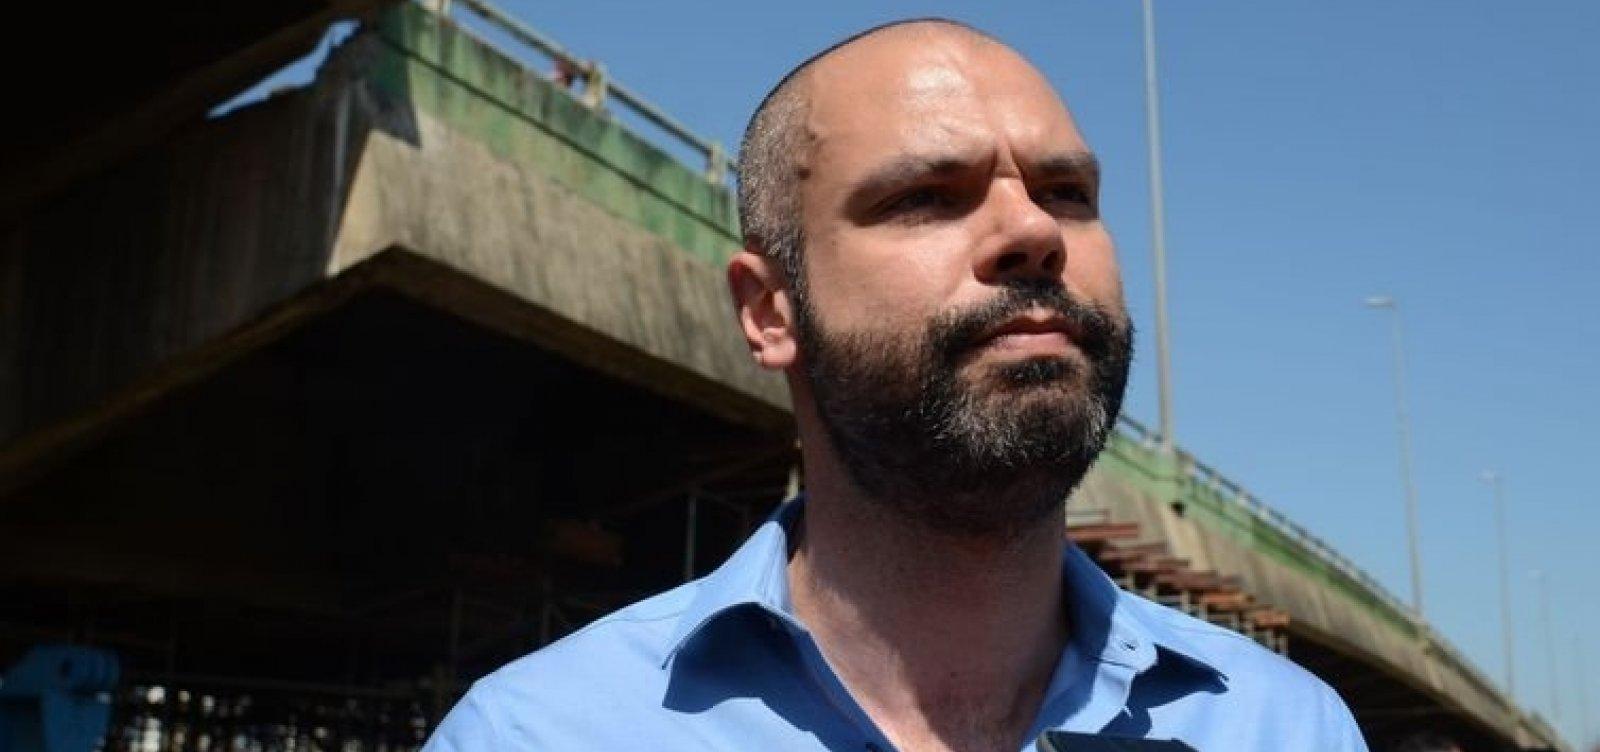 Bruno Covas é internado para terceira sessão de quimioterapia